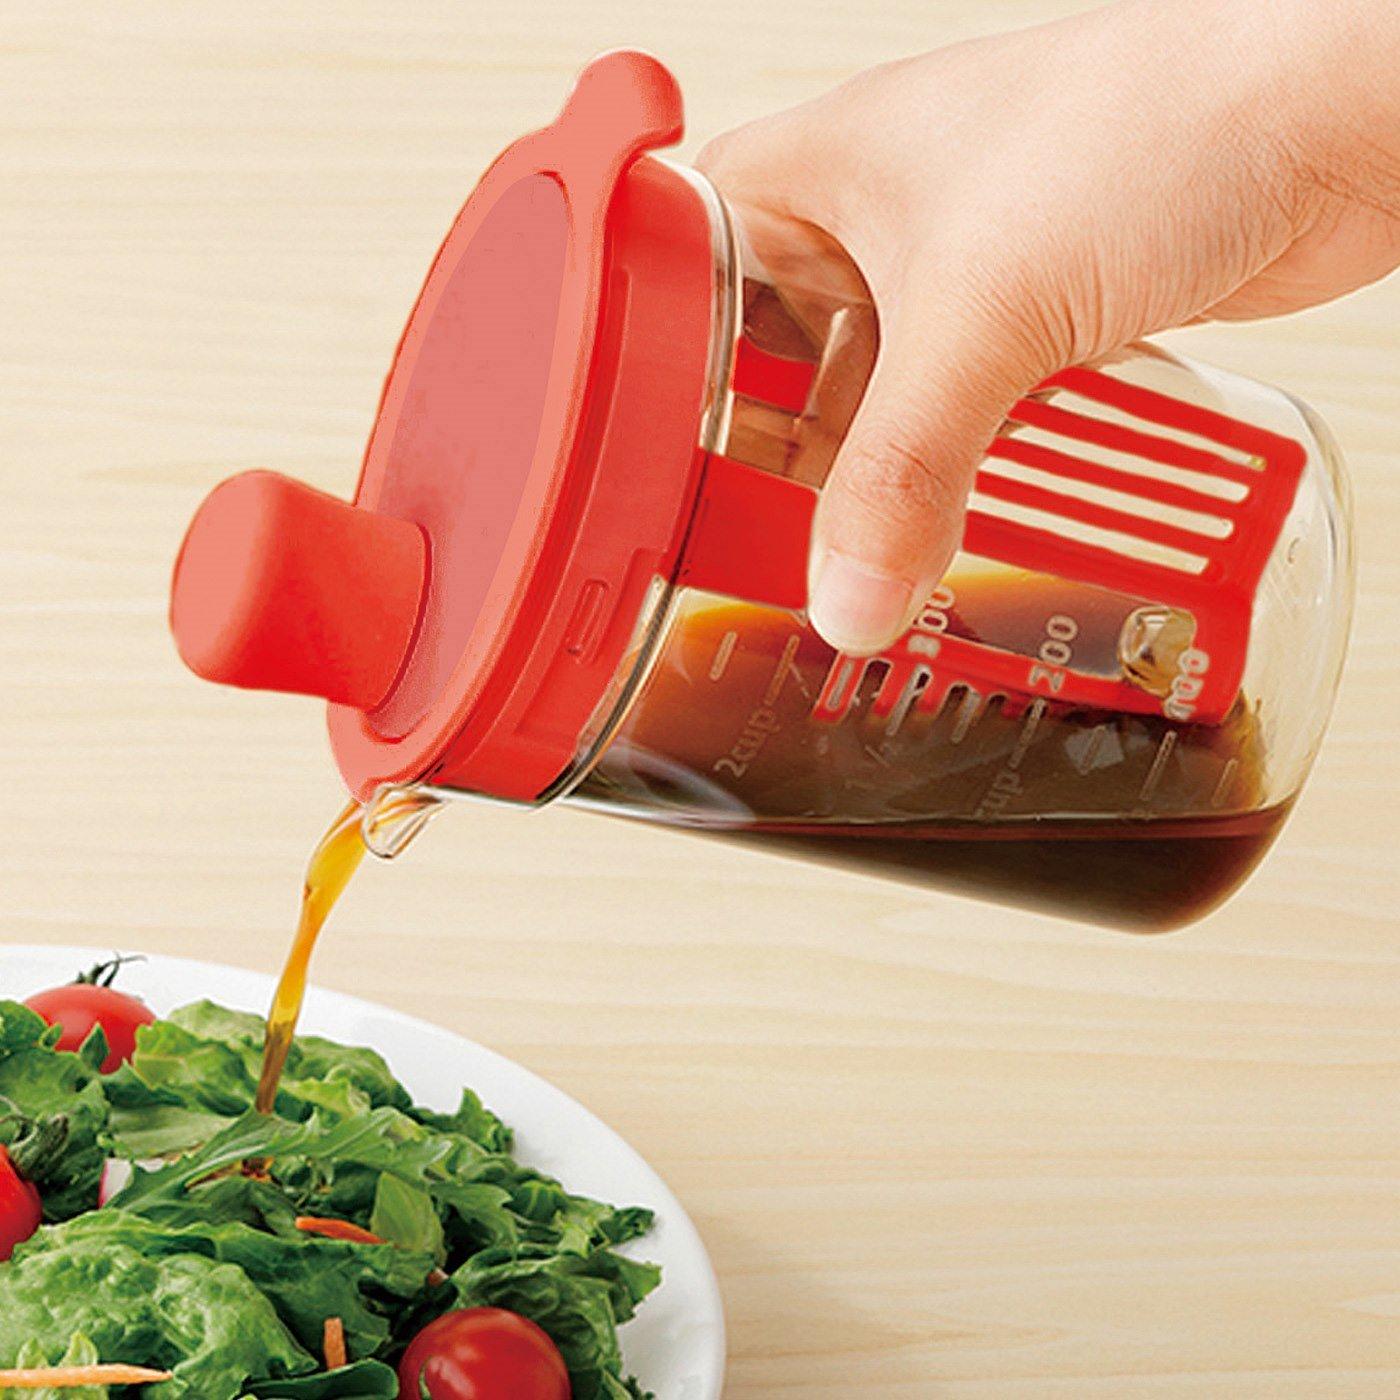 量る・混ぜる・保存に便利! 好きな風味で味わうドレッシングミキサー〈レッド〉